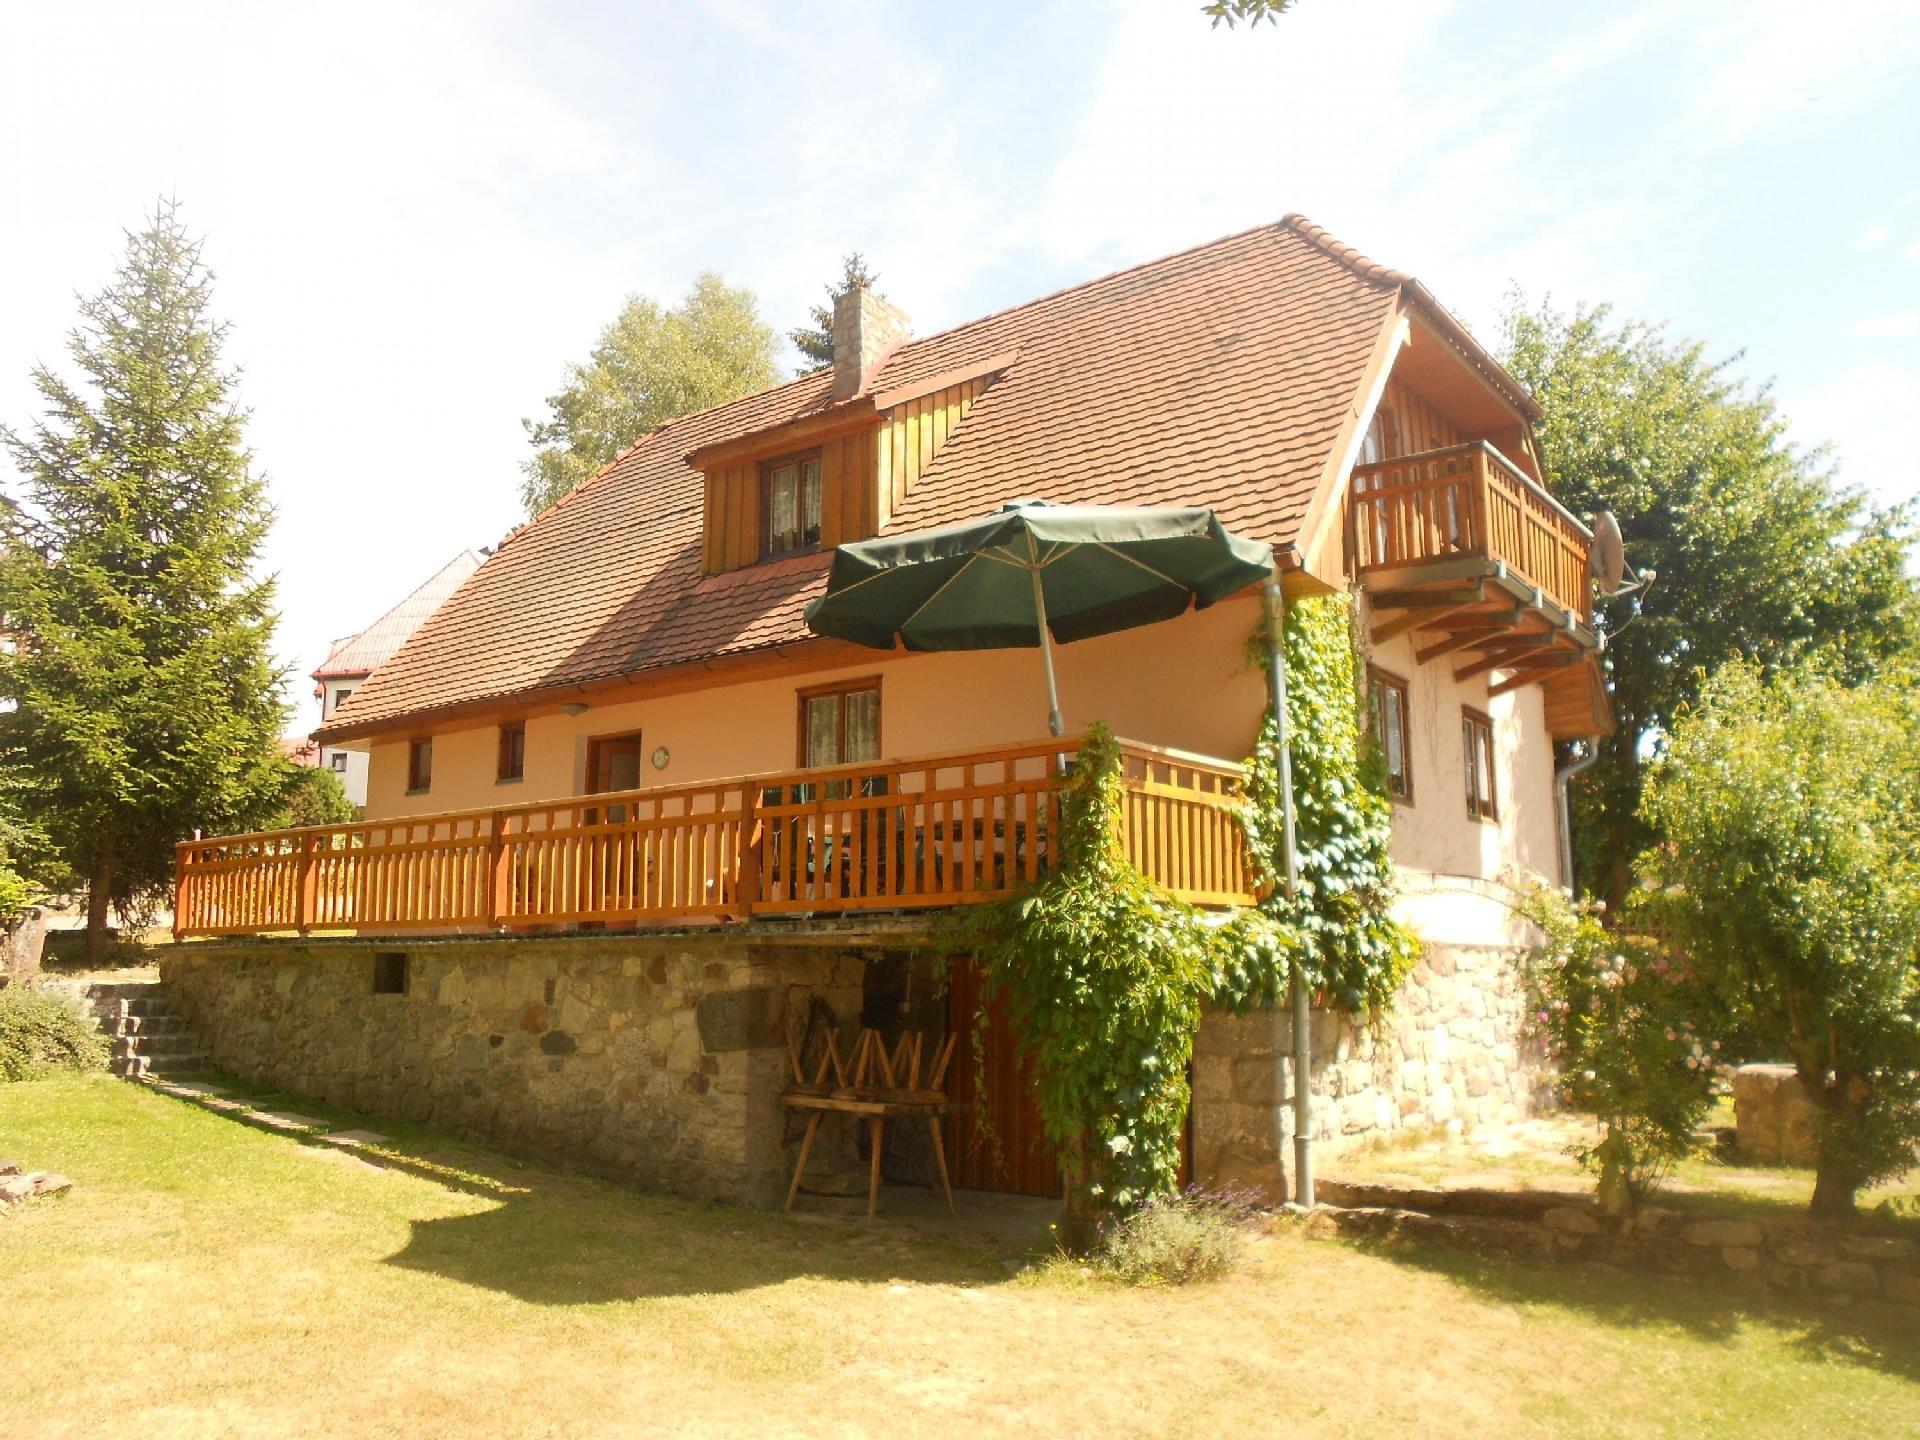 Ferienhaus für 8 Personen ca 180 m² in Hrdonov Böhmen Moldau